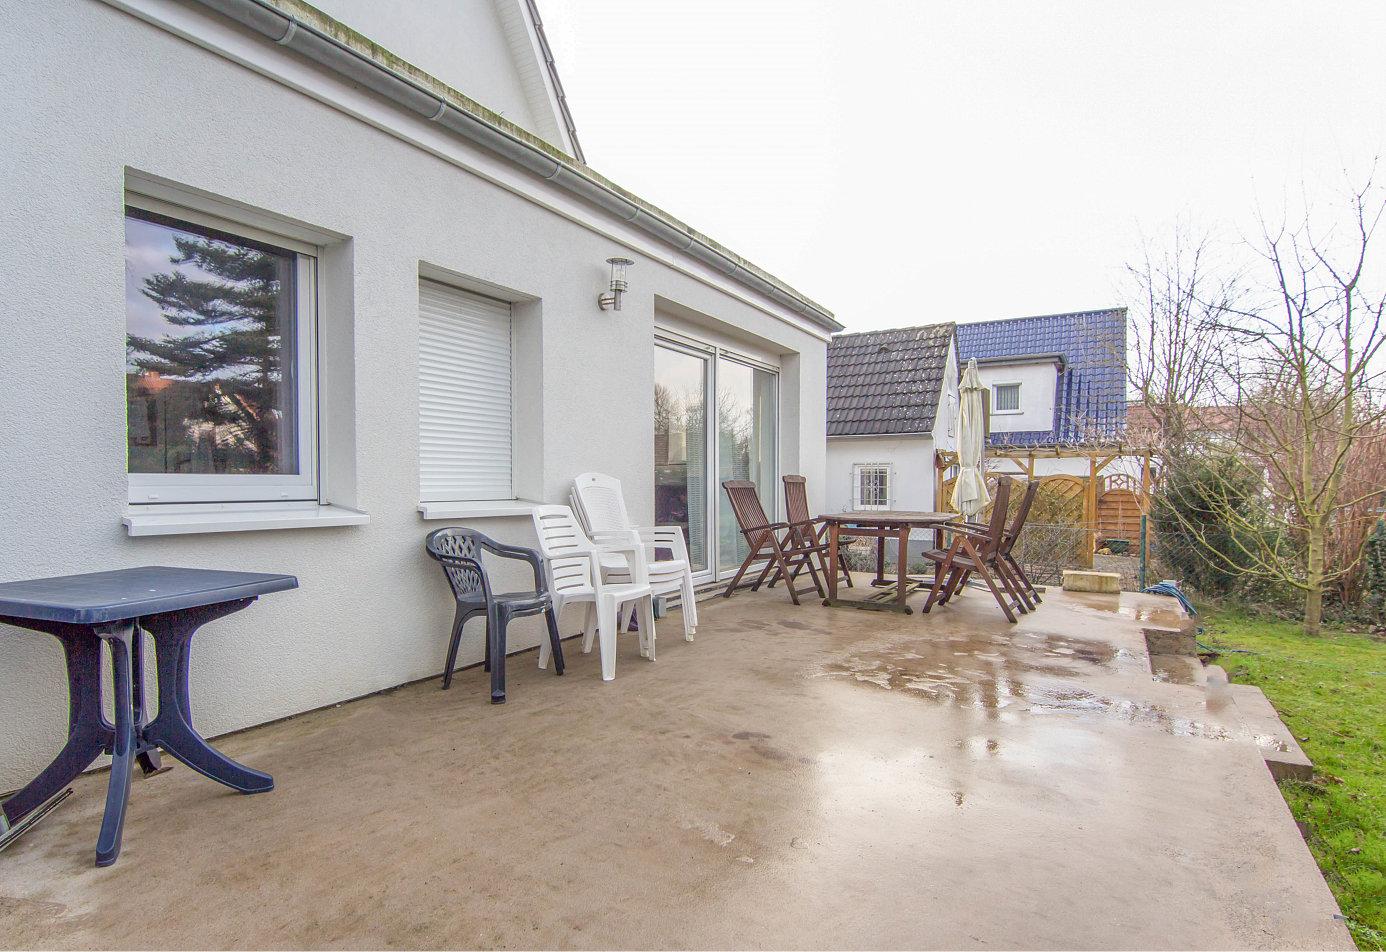 Traumhaus in kattenesch rosenbusch immobilien for Modernes haus elektrik